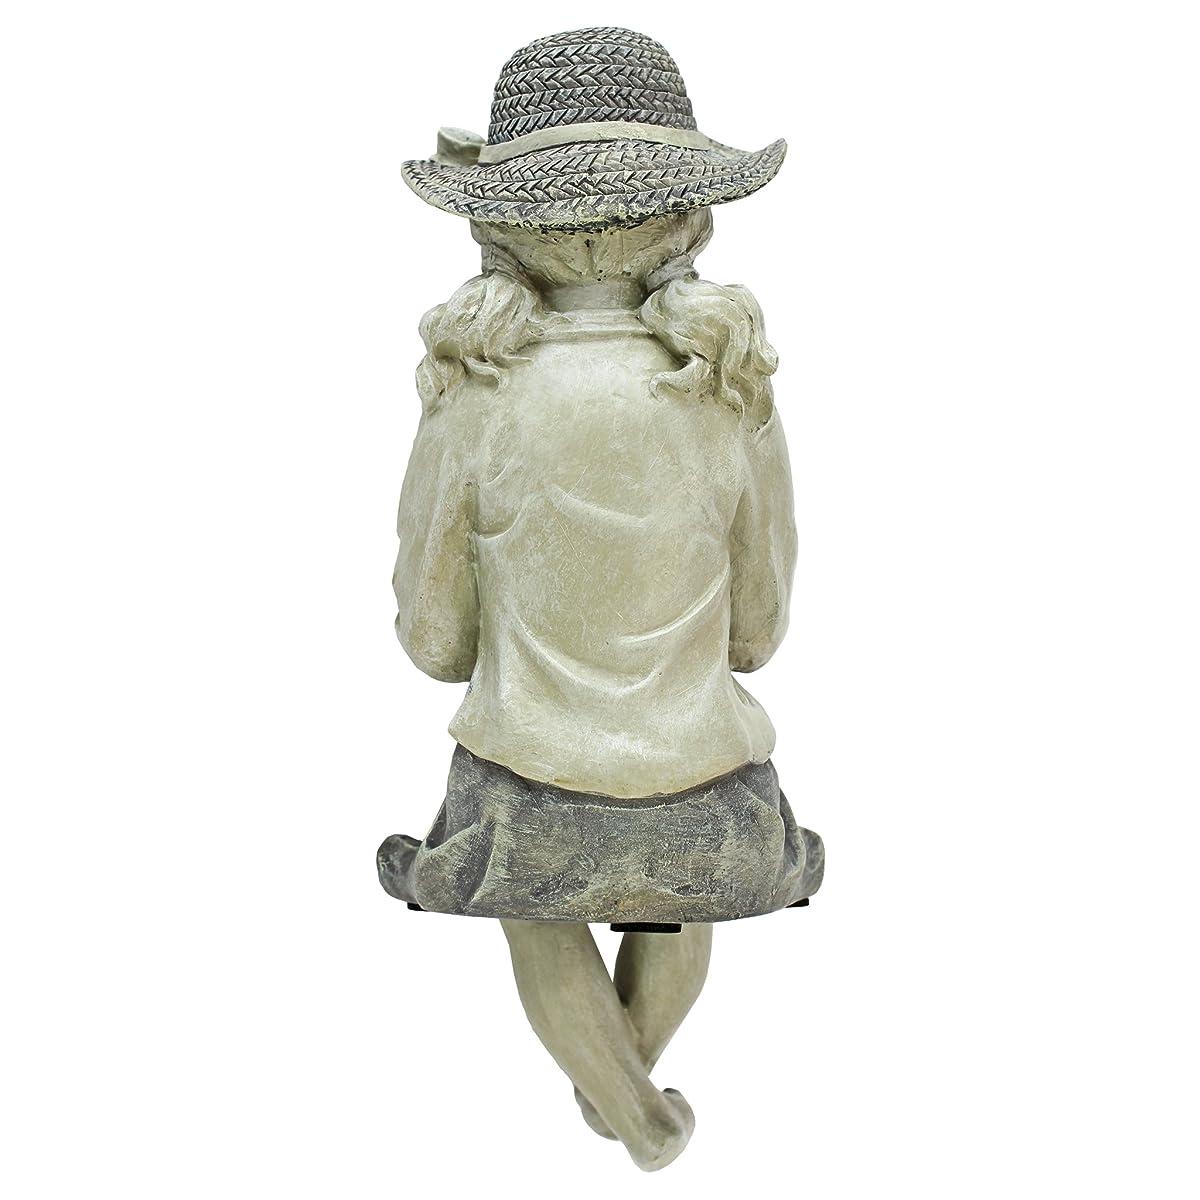 Design Toscano EU9305 Big Catch Fisherwoman Girl Fishing Garden Statue, Two Tone Stone